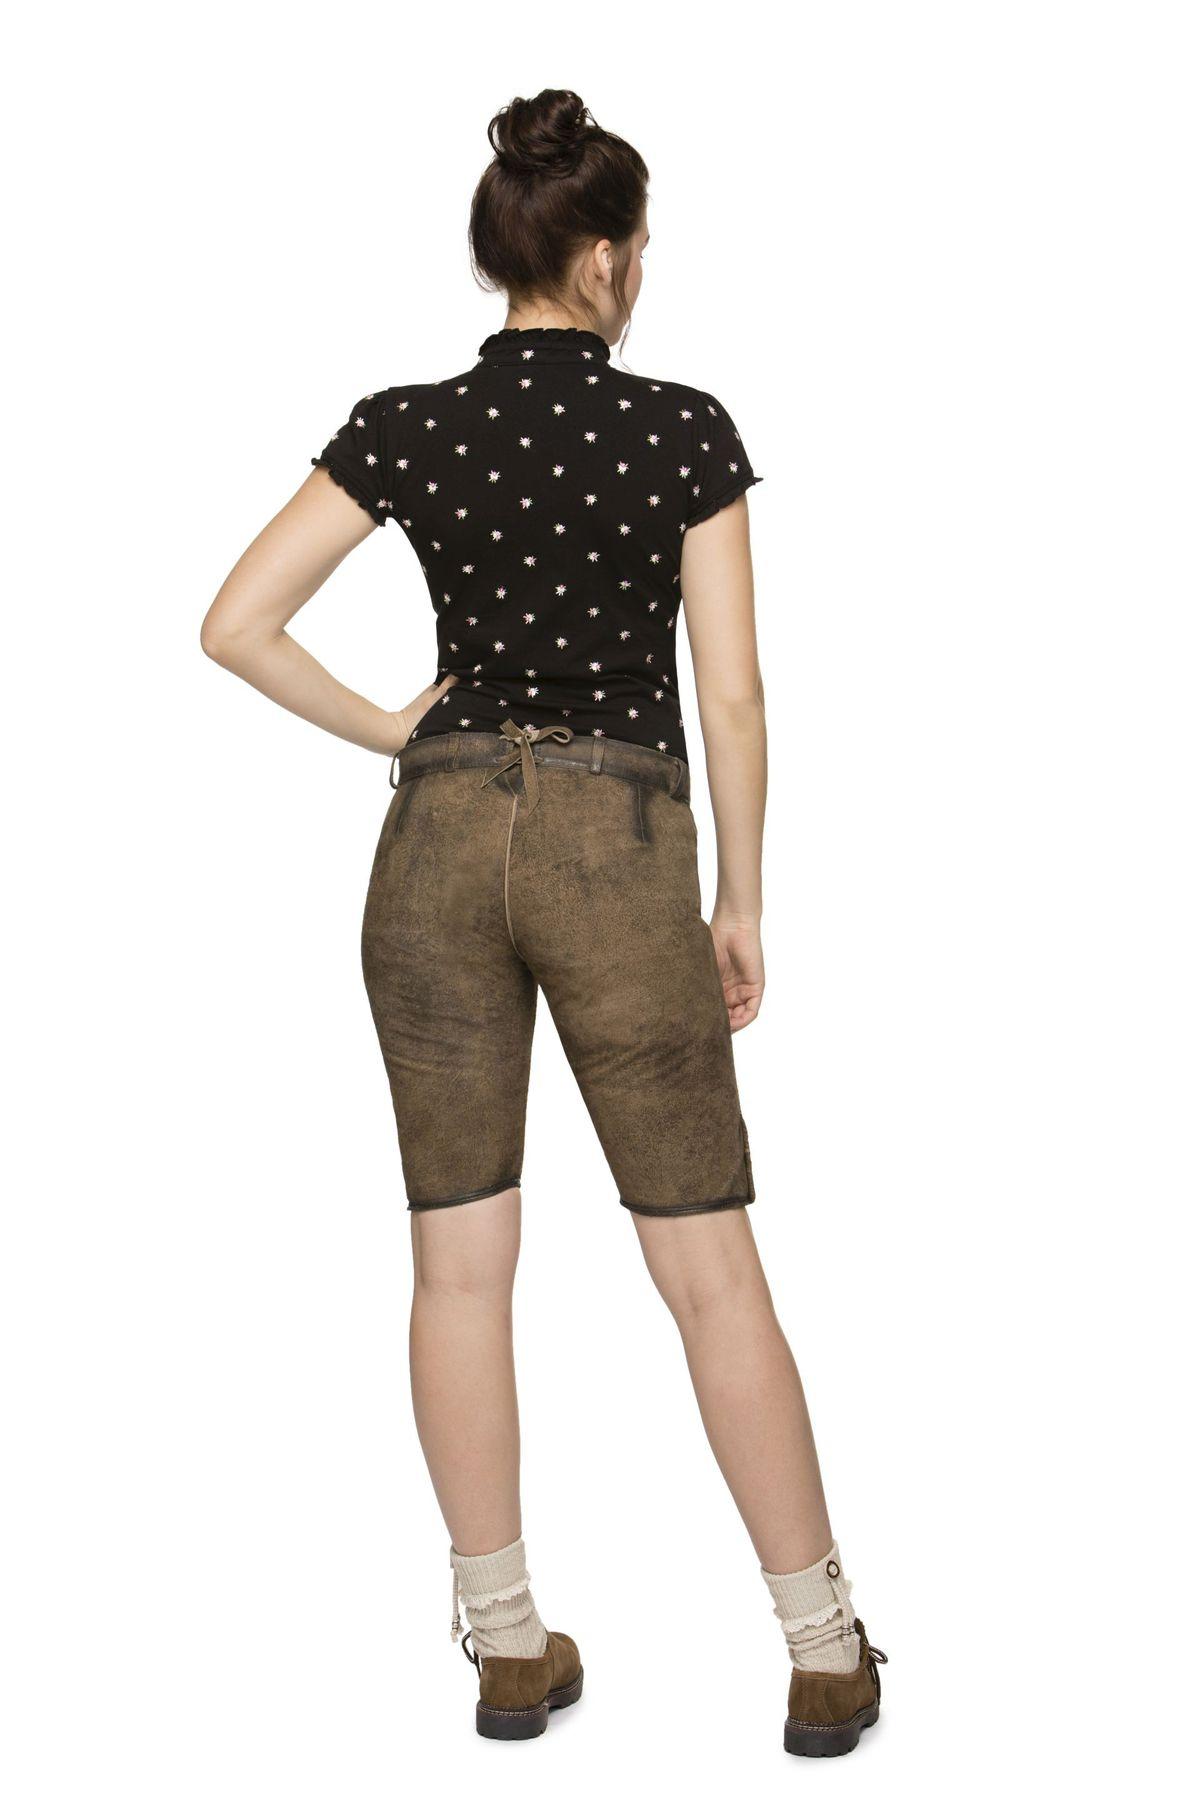 Stockerpoint - Damen Trachten Lederhose aus Ziegen Nappa Leder, Knielang, Piper – Bild 3